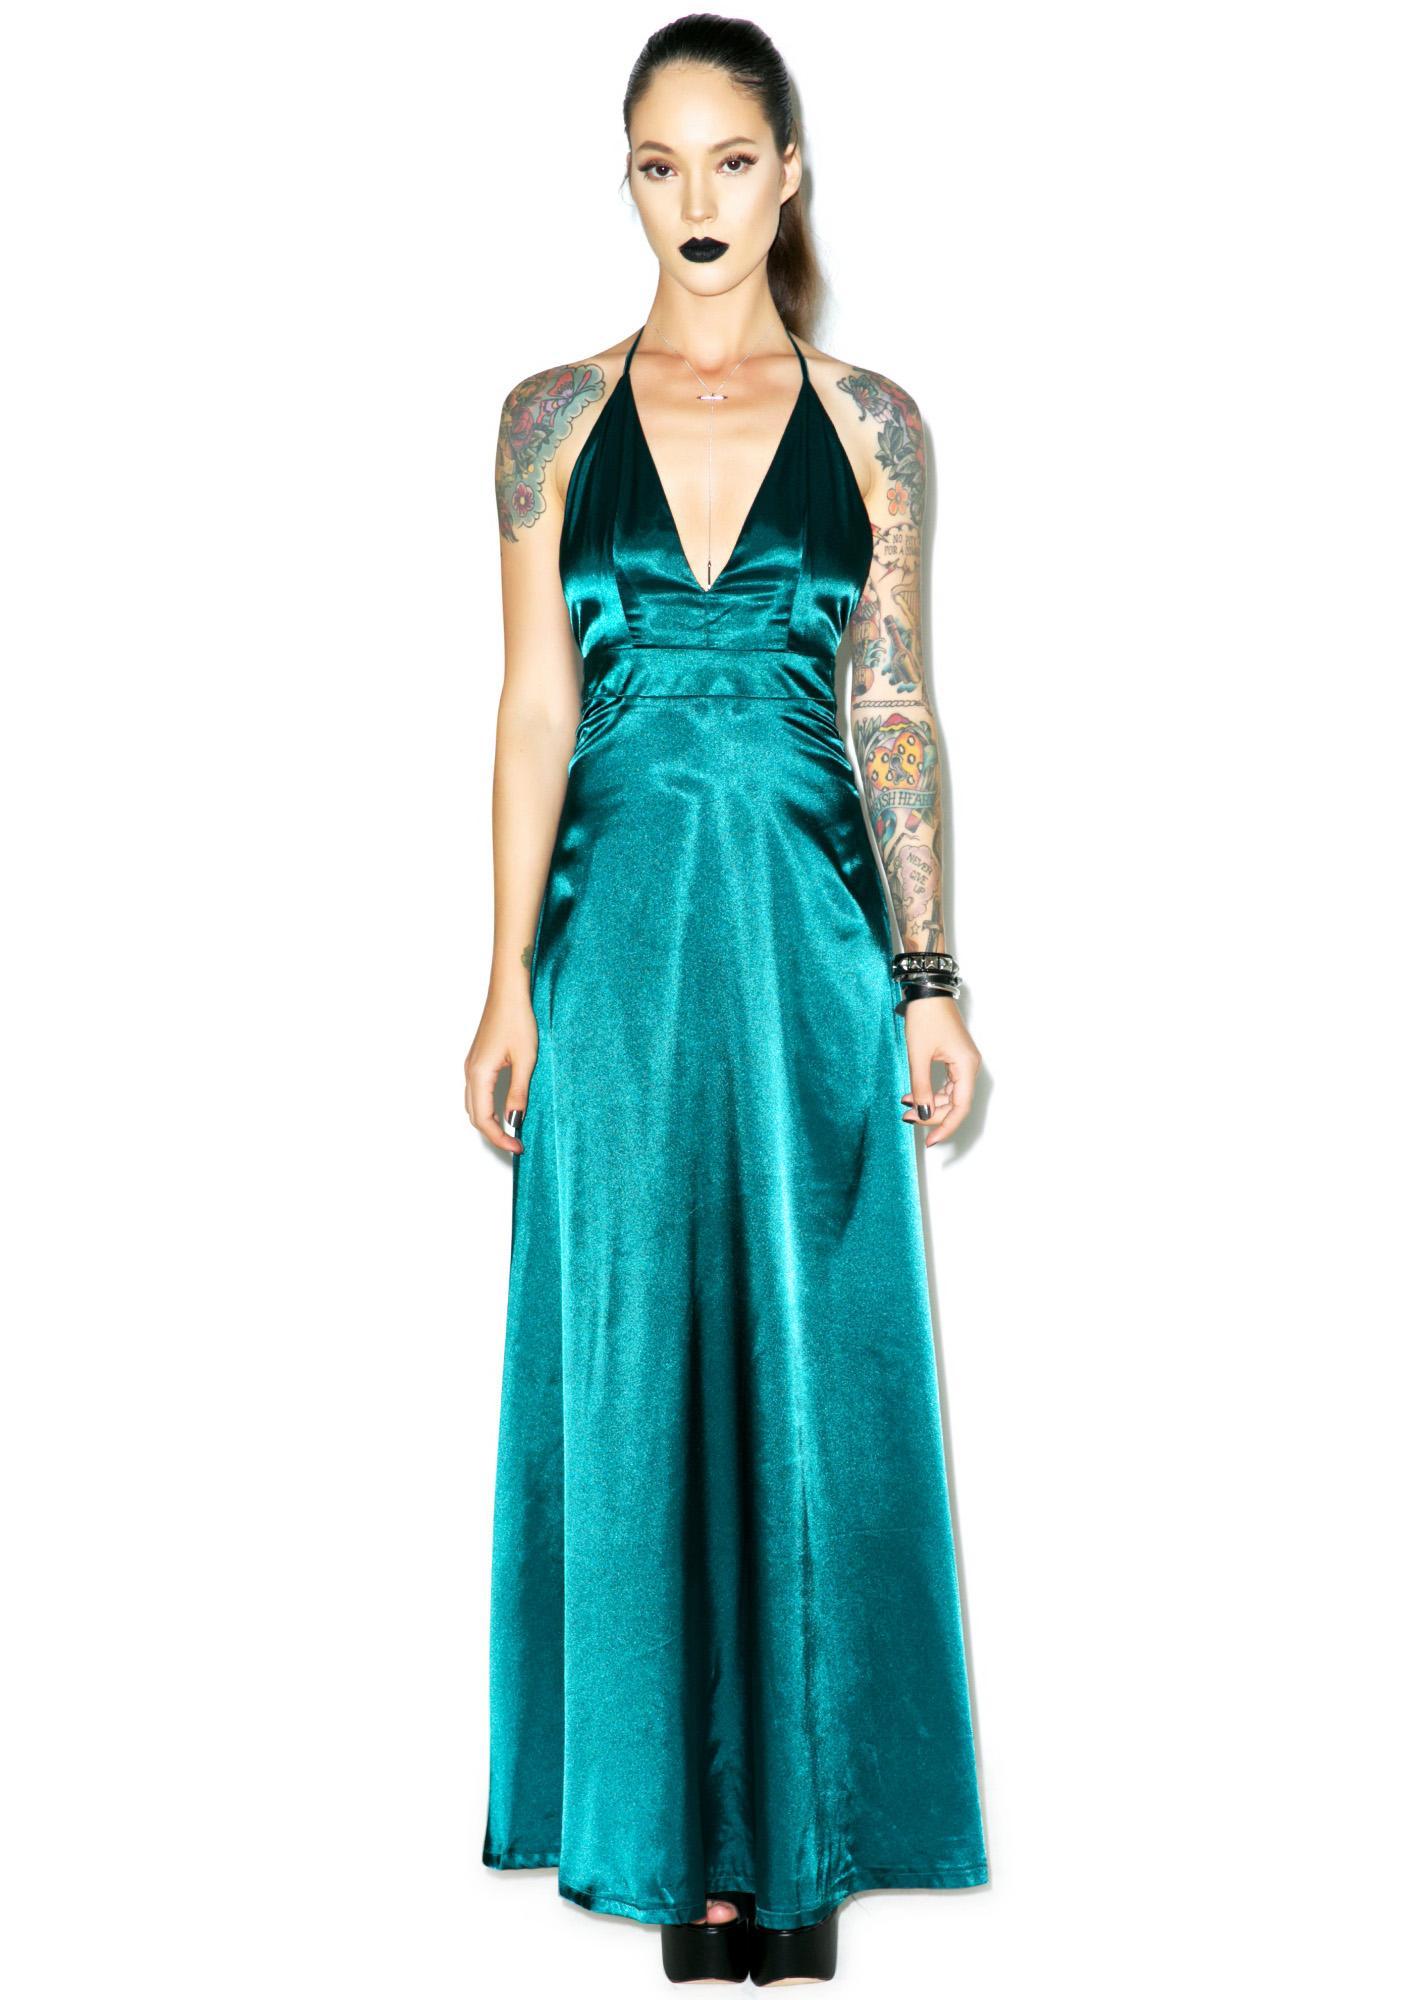 Emerald City Maxi Dress